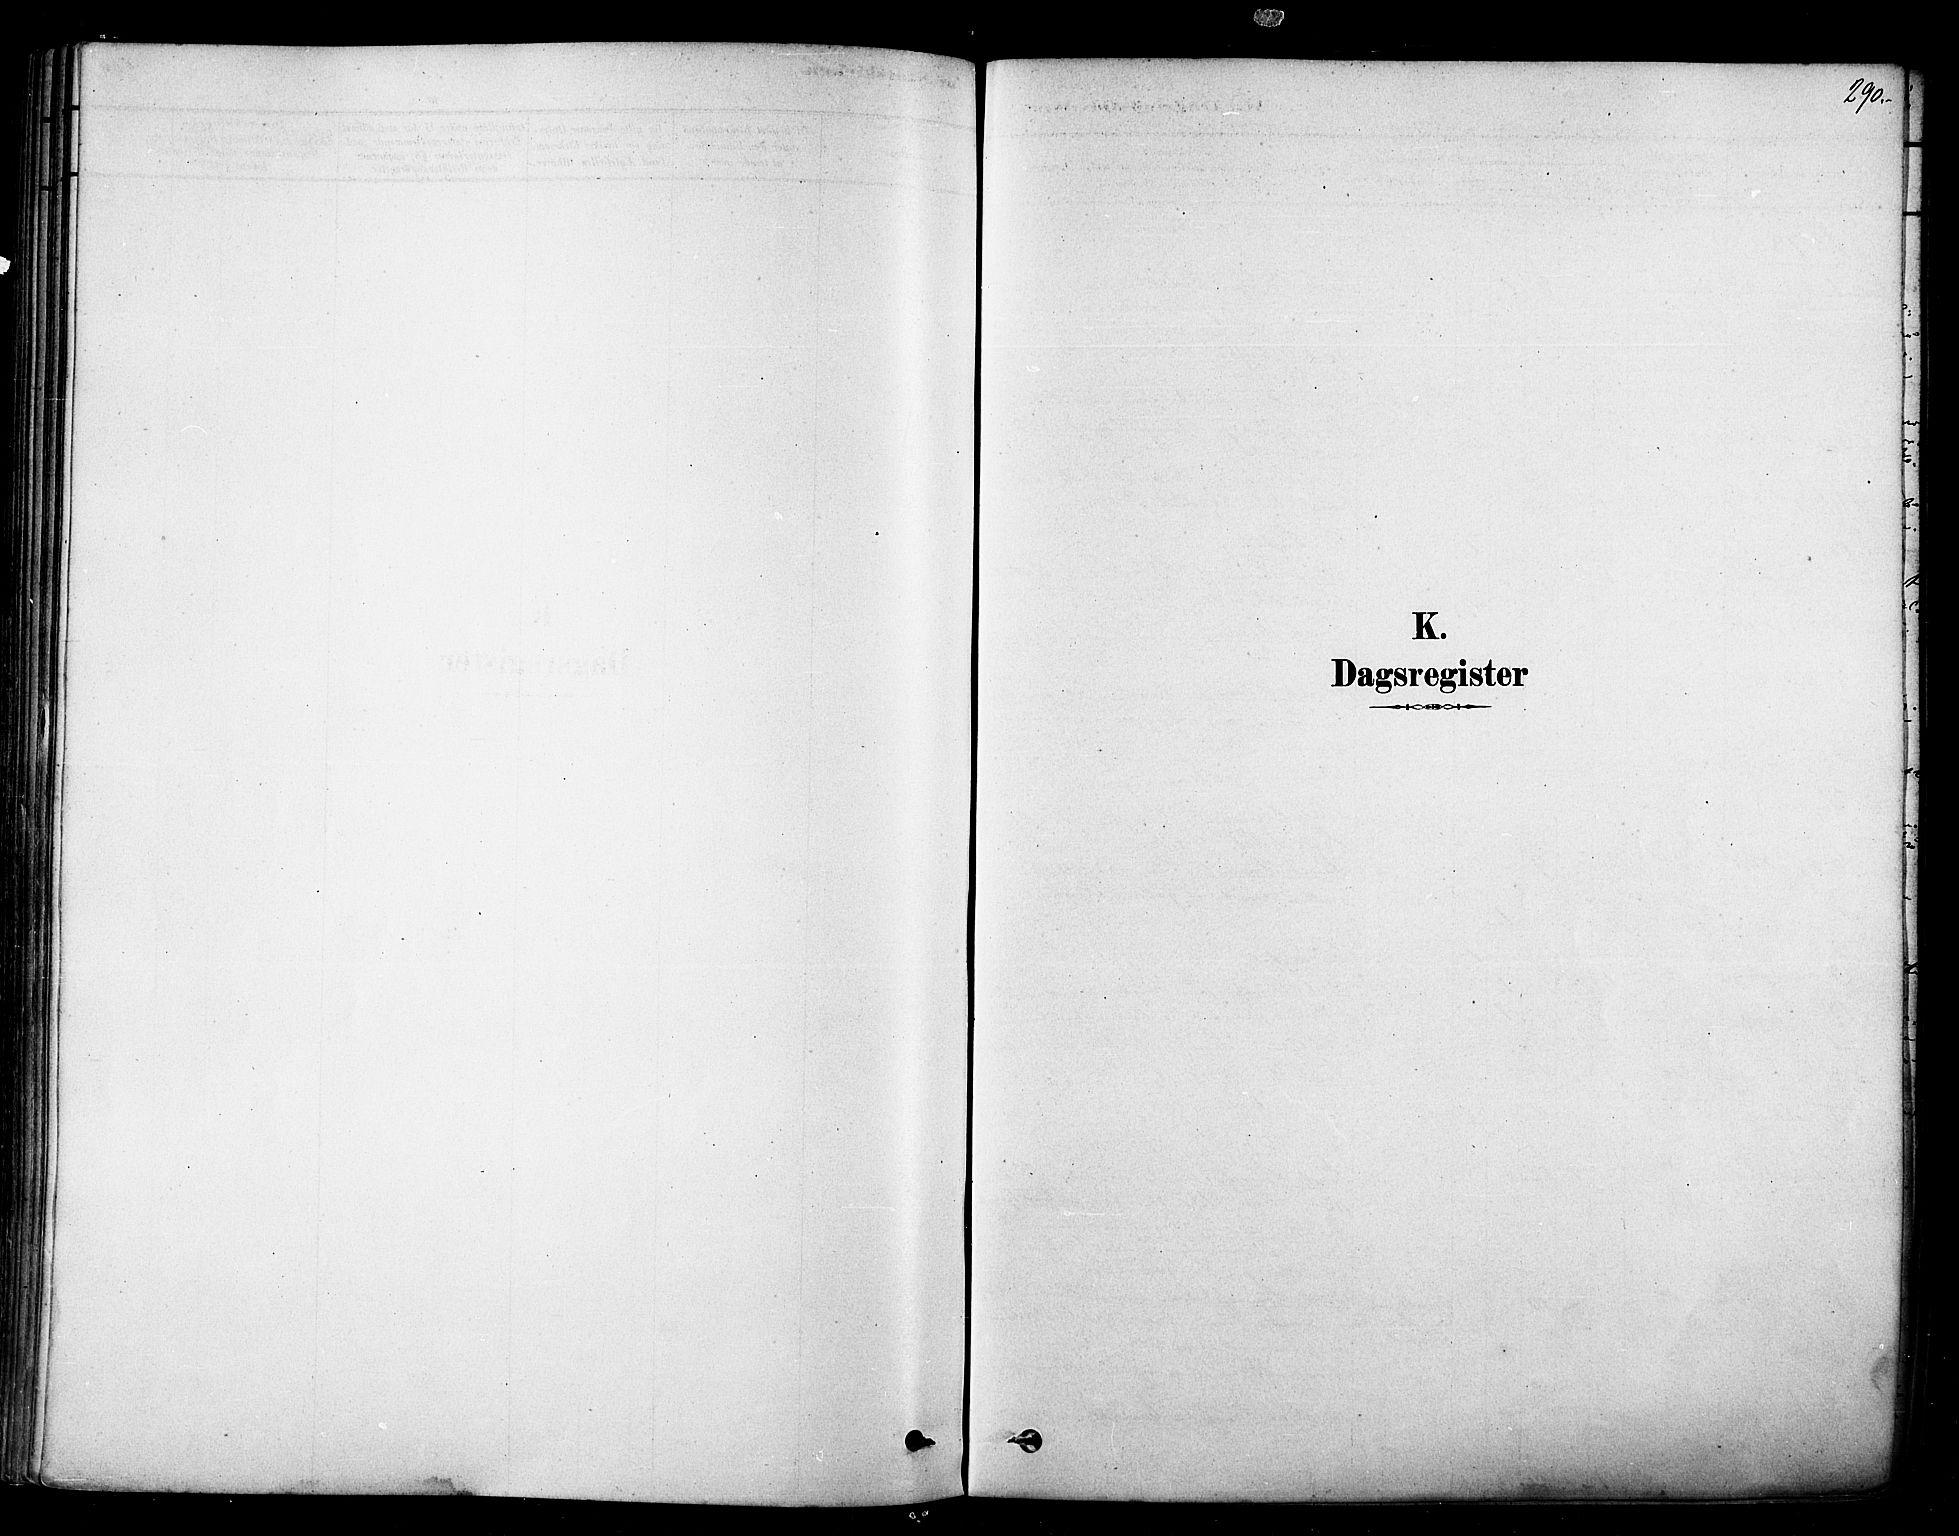 SATØ, Tana sokneprestkontor, H/Ha/L0004kirke: Ministerialbok nr. 4, 1878-1891, s. 290